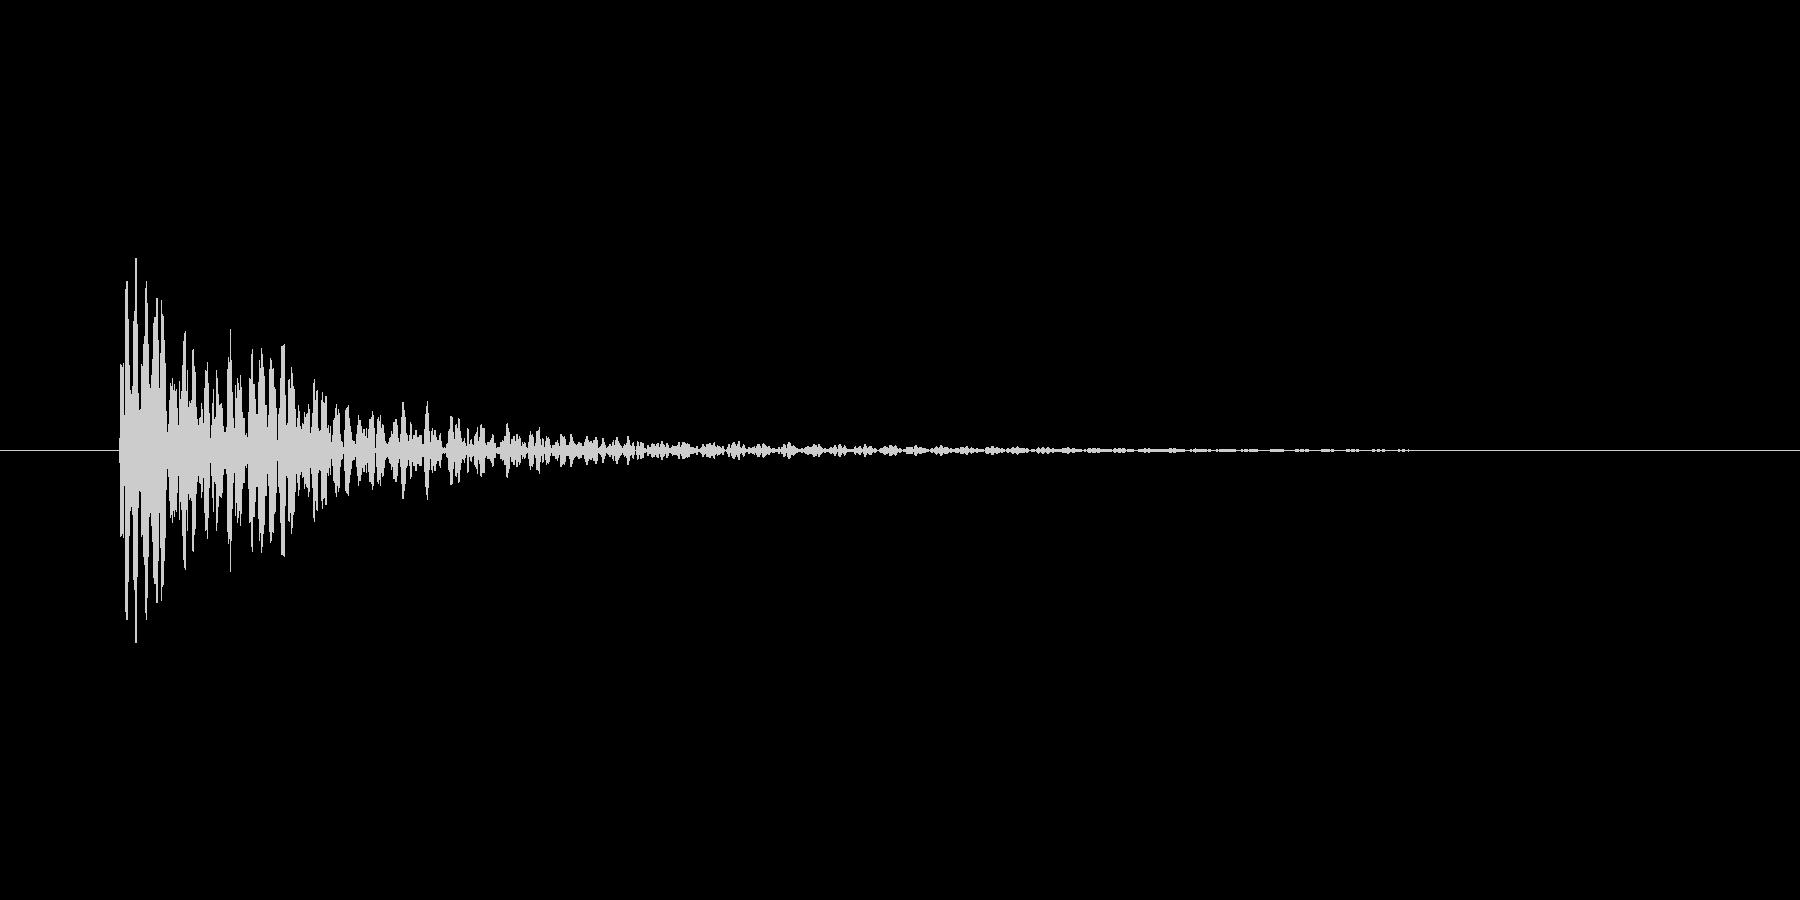 「ドーン」という伸びのある太鼓の音の未再生の波形